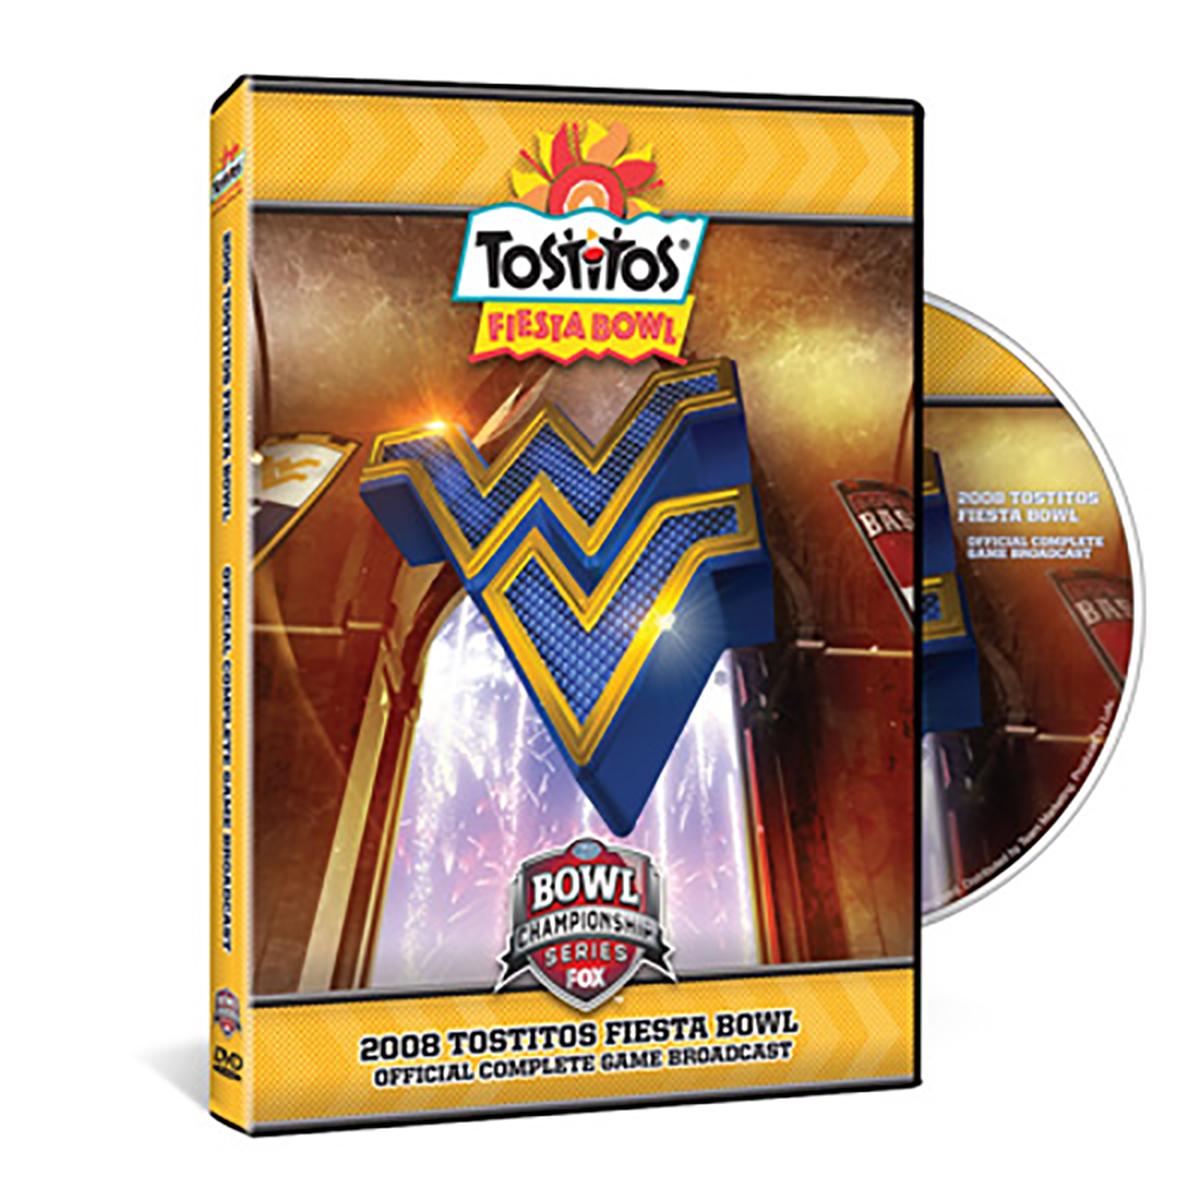 2008 Tostitos Fiesta Bowl DVD -  DVDs & Videos 1820-54135